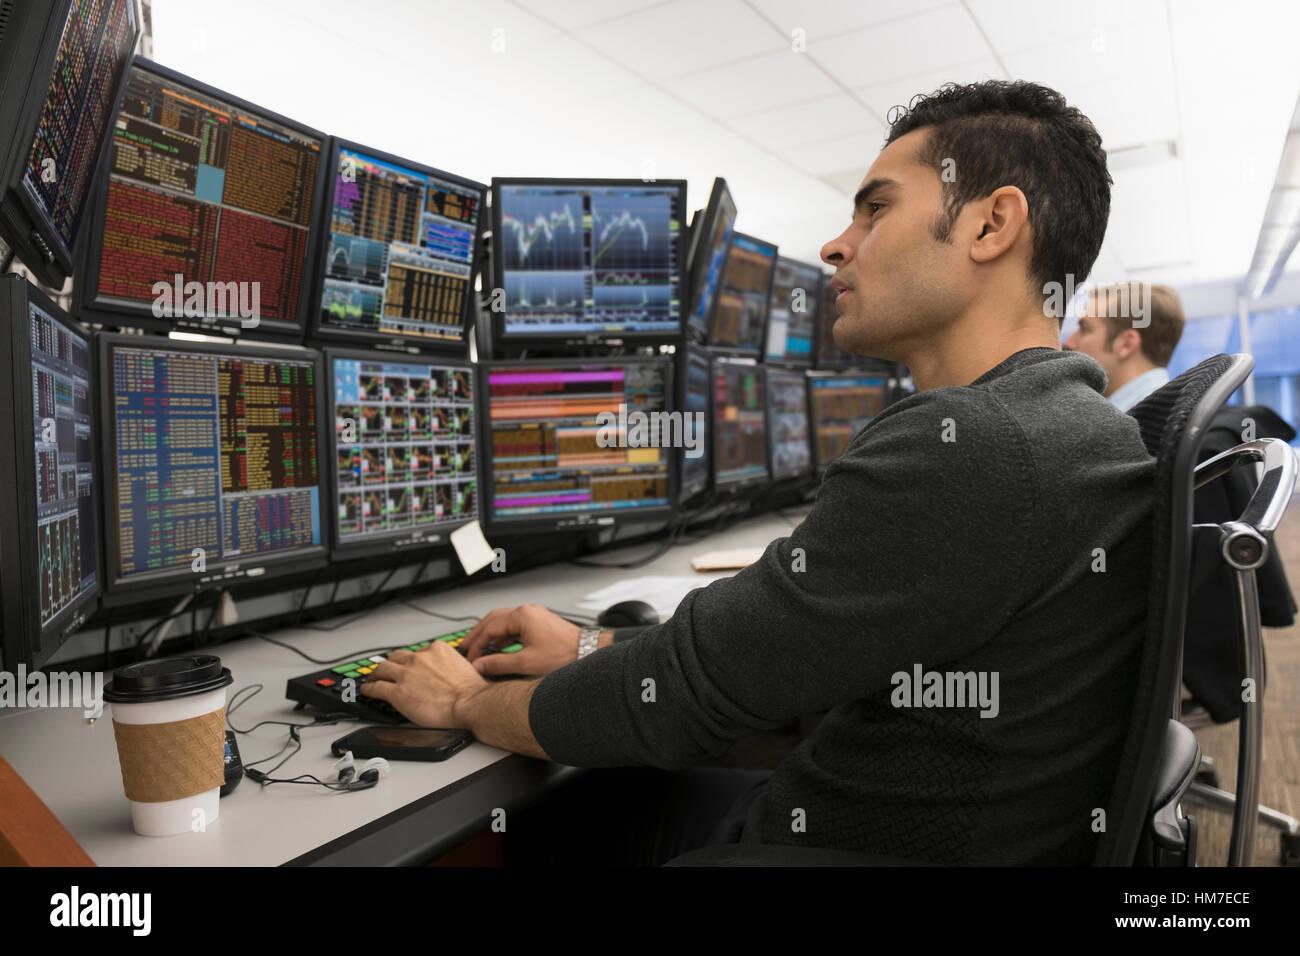 Los comerciantes jóvenes analizando datos informáticos Imagen De Stock